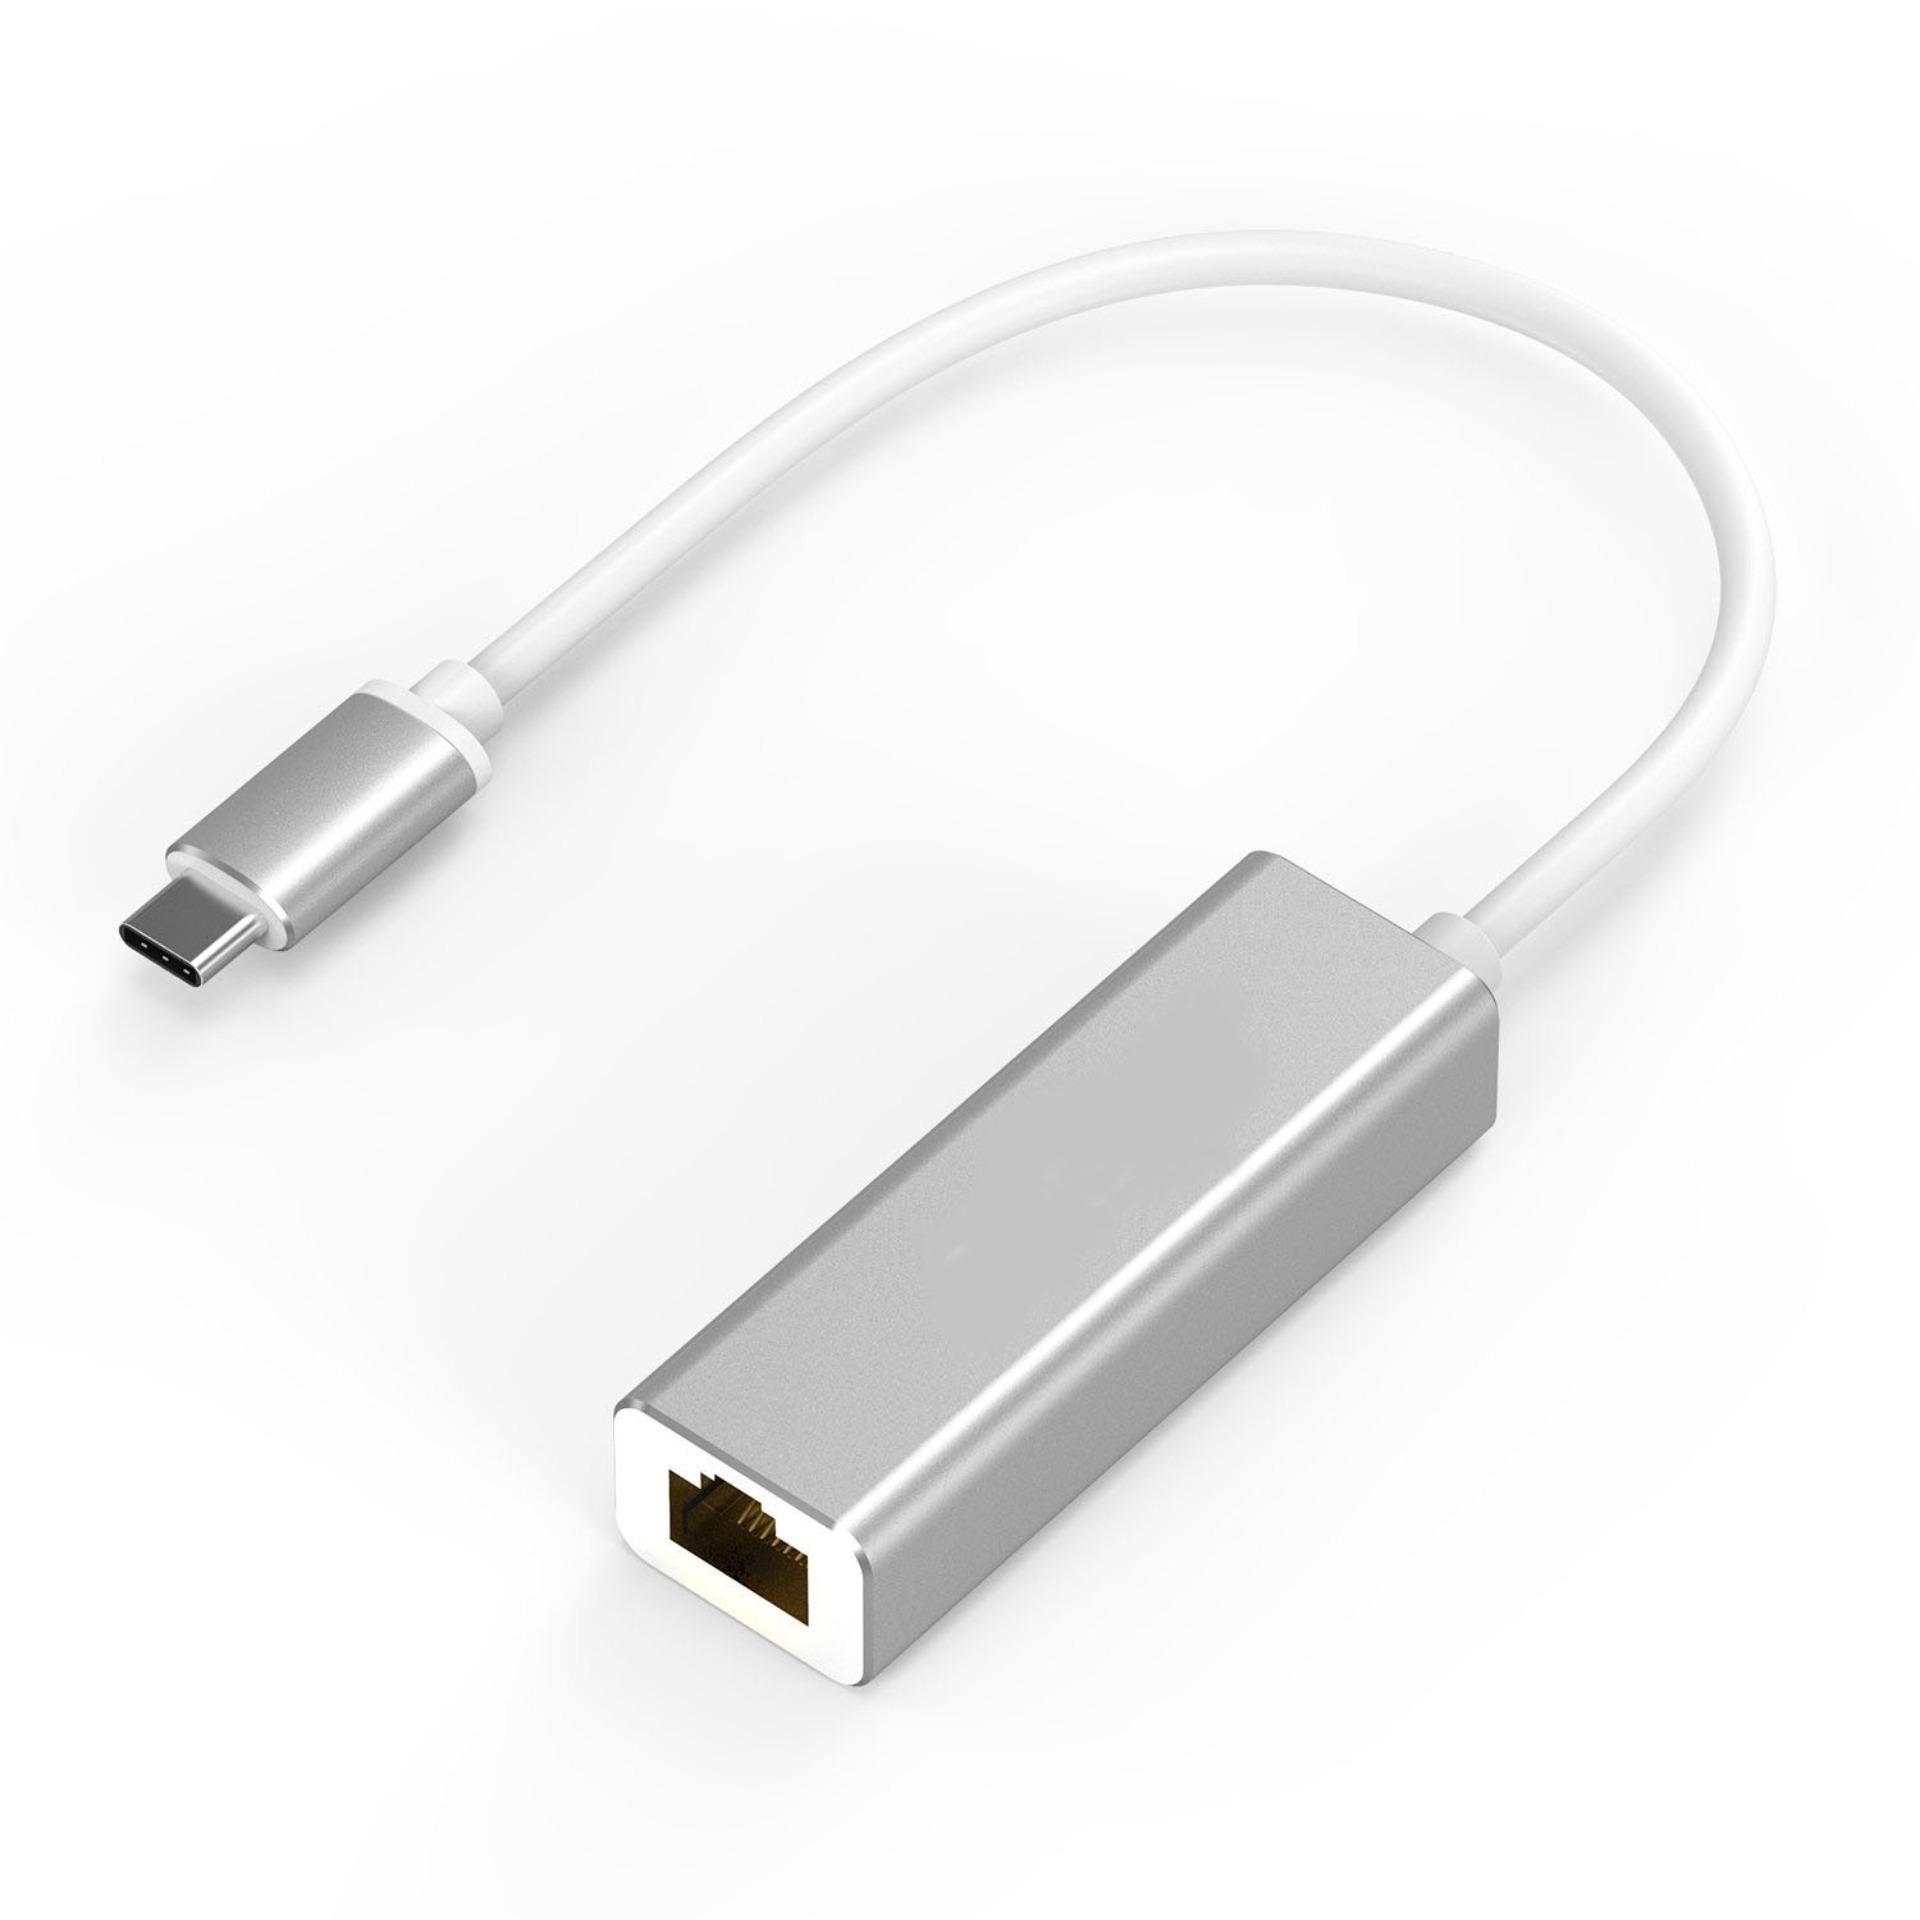 Philippines Usb Type C To Ethernet Adapter 31 Male Kable Converter Lan Rj 45 Rj45 Femalegigabit